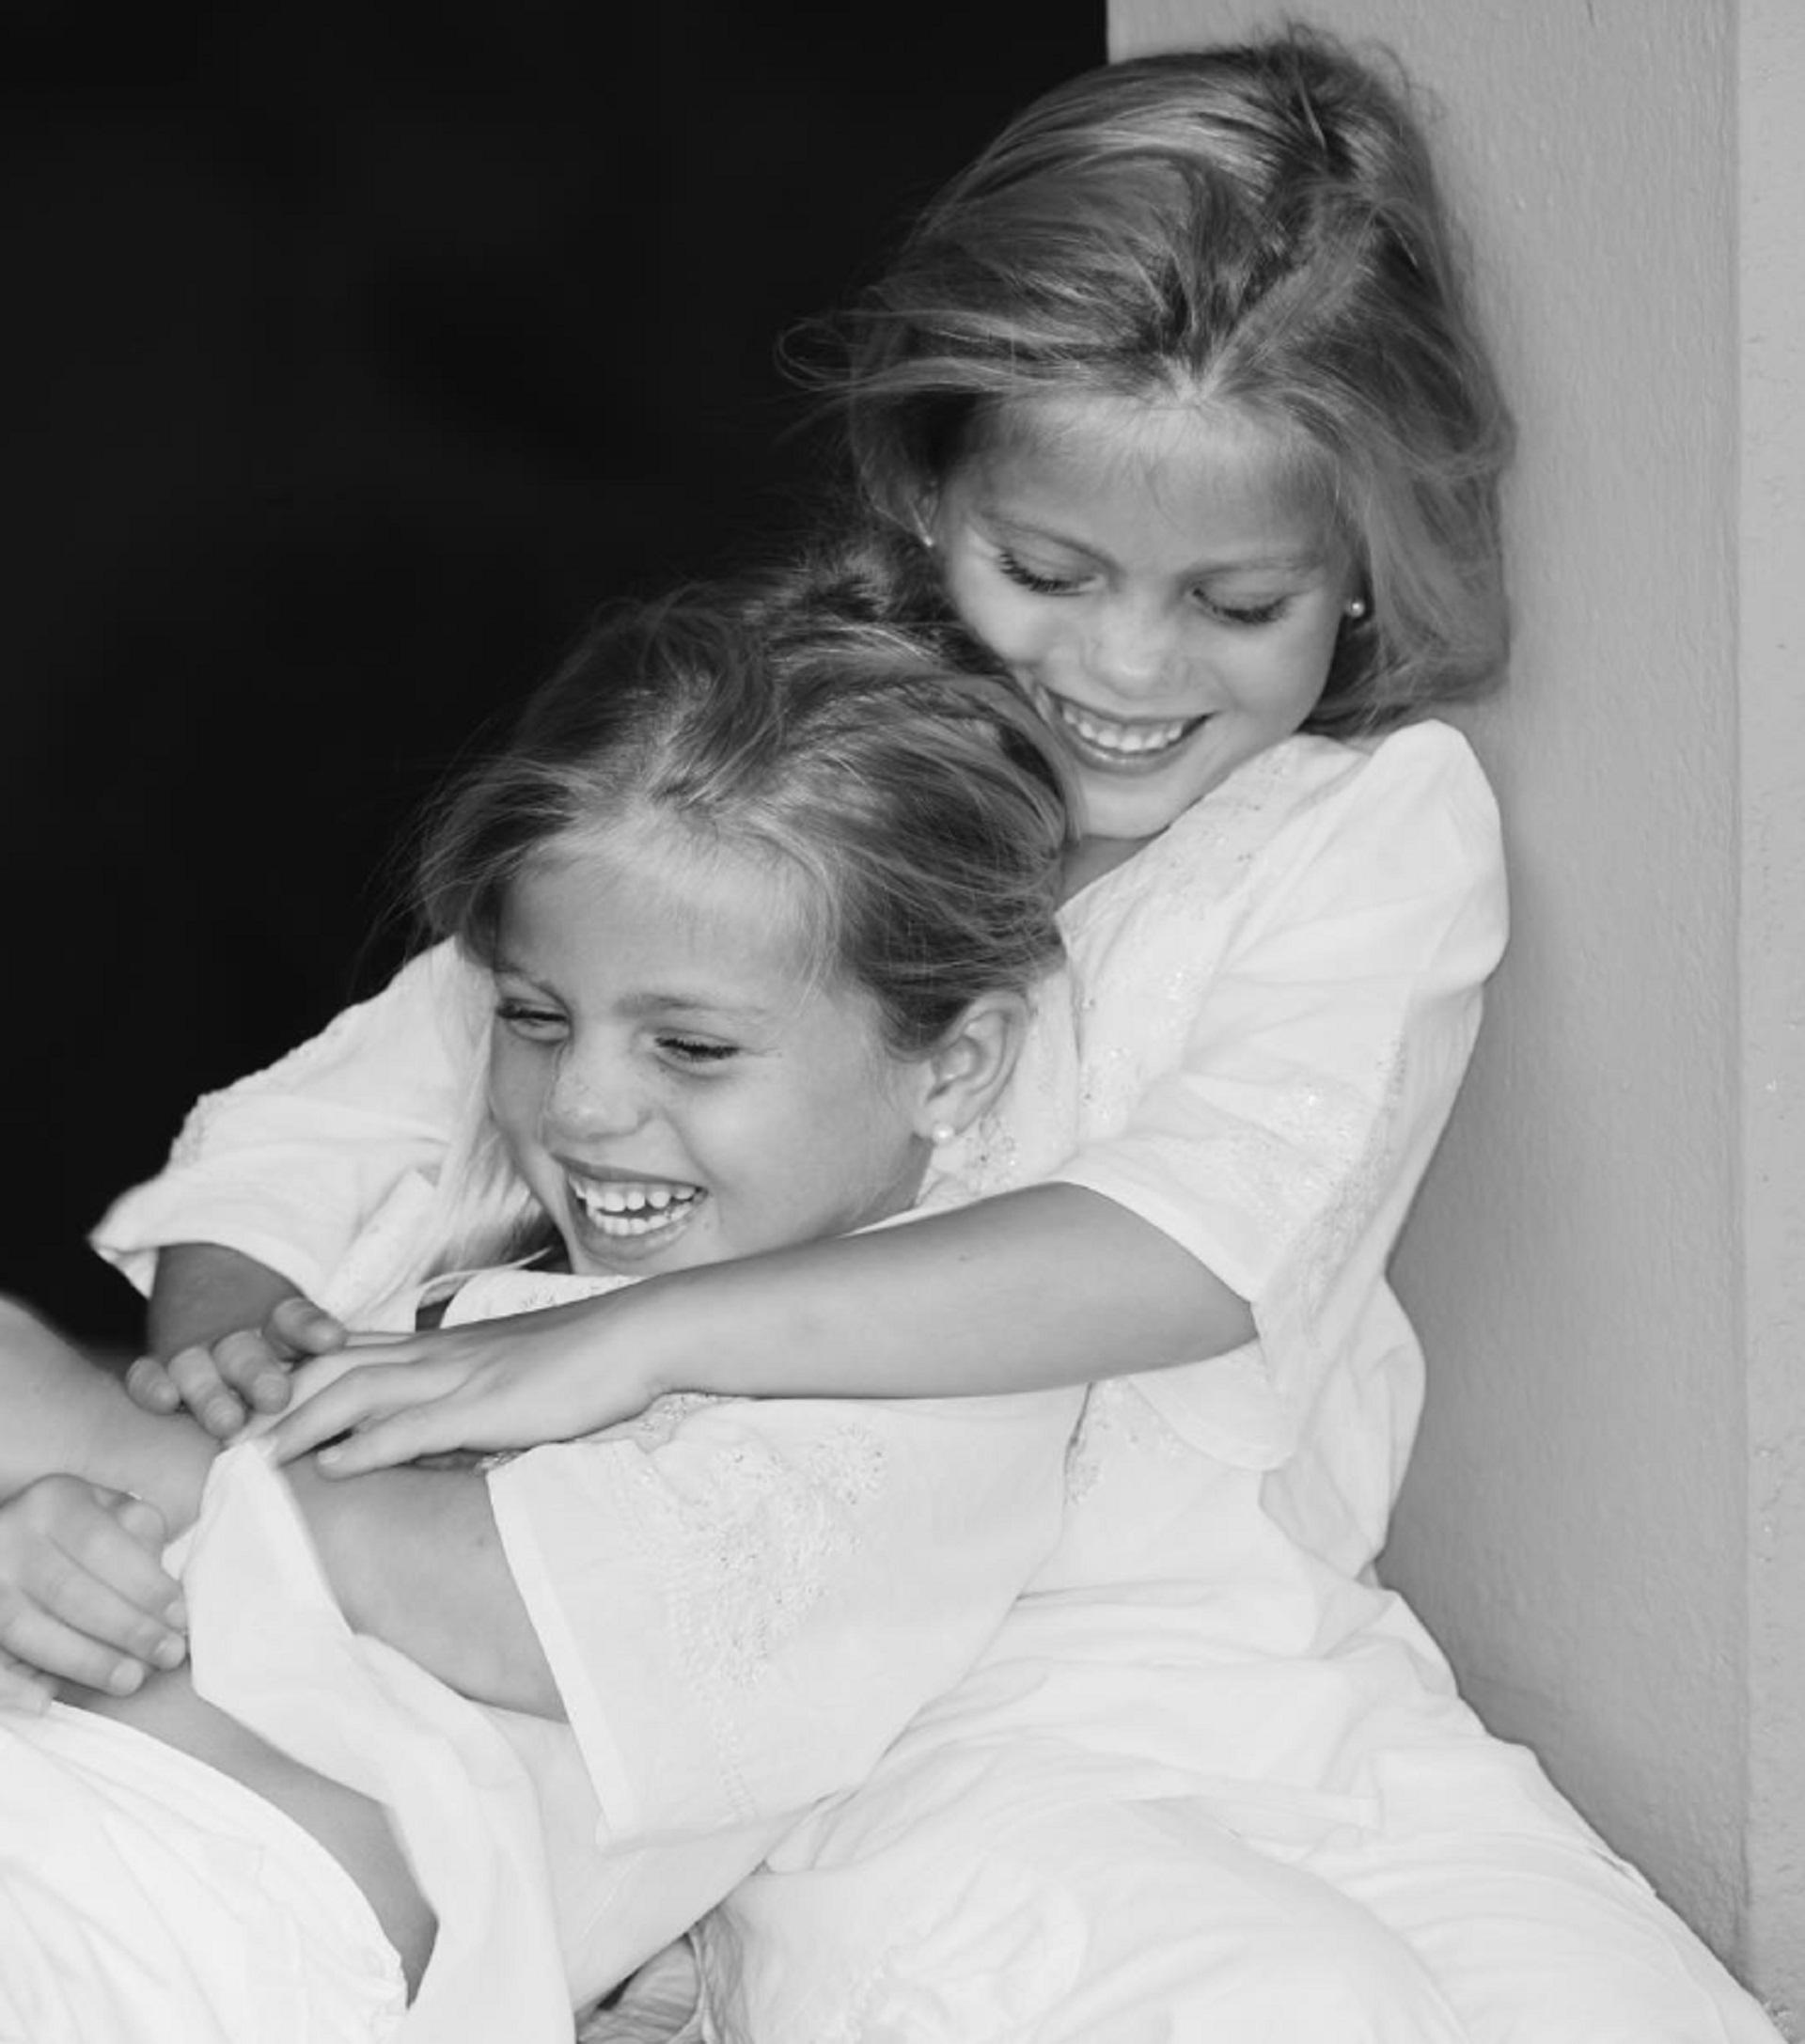 Hace cinco años, cuando tenían tan solo 13 años, Cristina y Victoria Iglesias -hijas del reconocido cantante Julio Iglesias- ya sabían que querían ser modelos. Y así se lo hicieron saber a Anna Wintour, la editora de revista Vogue